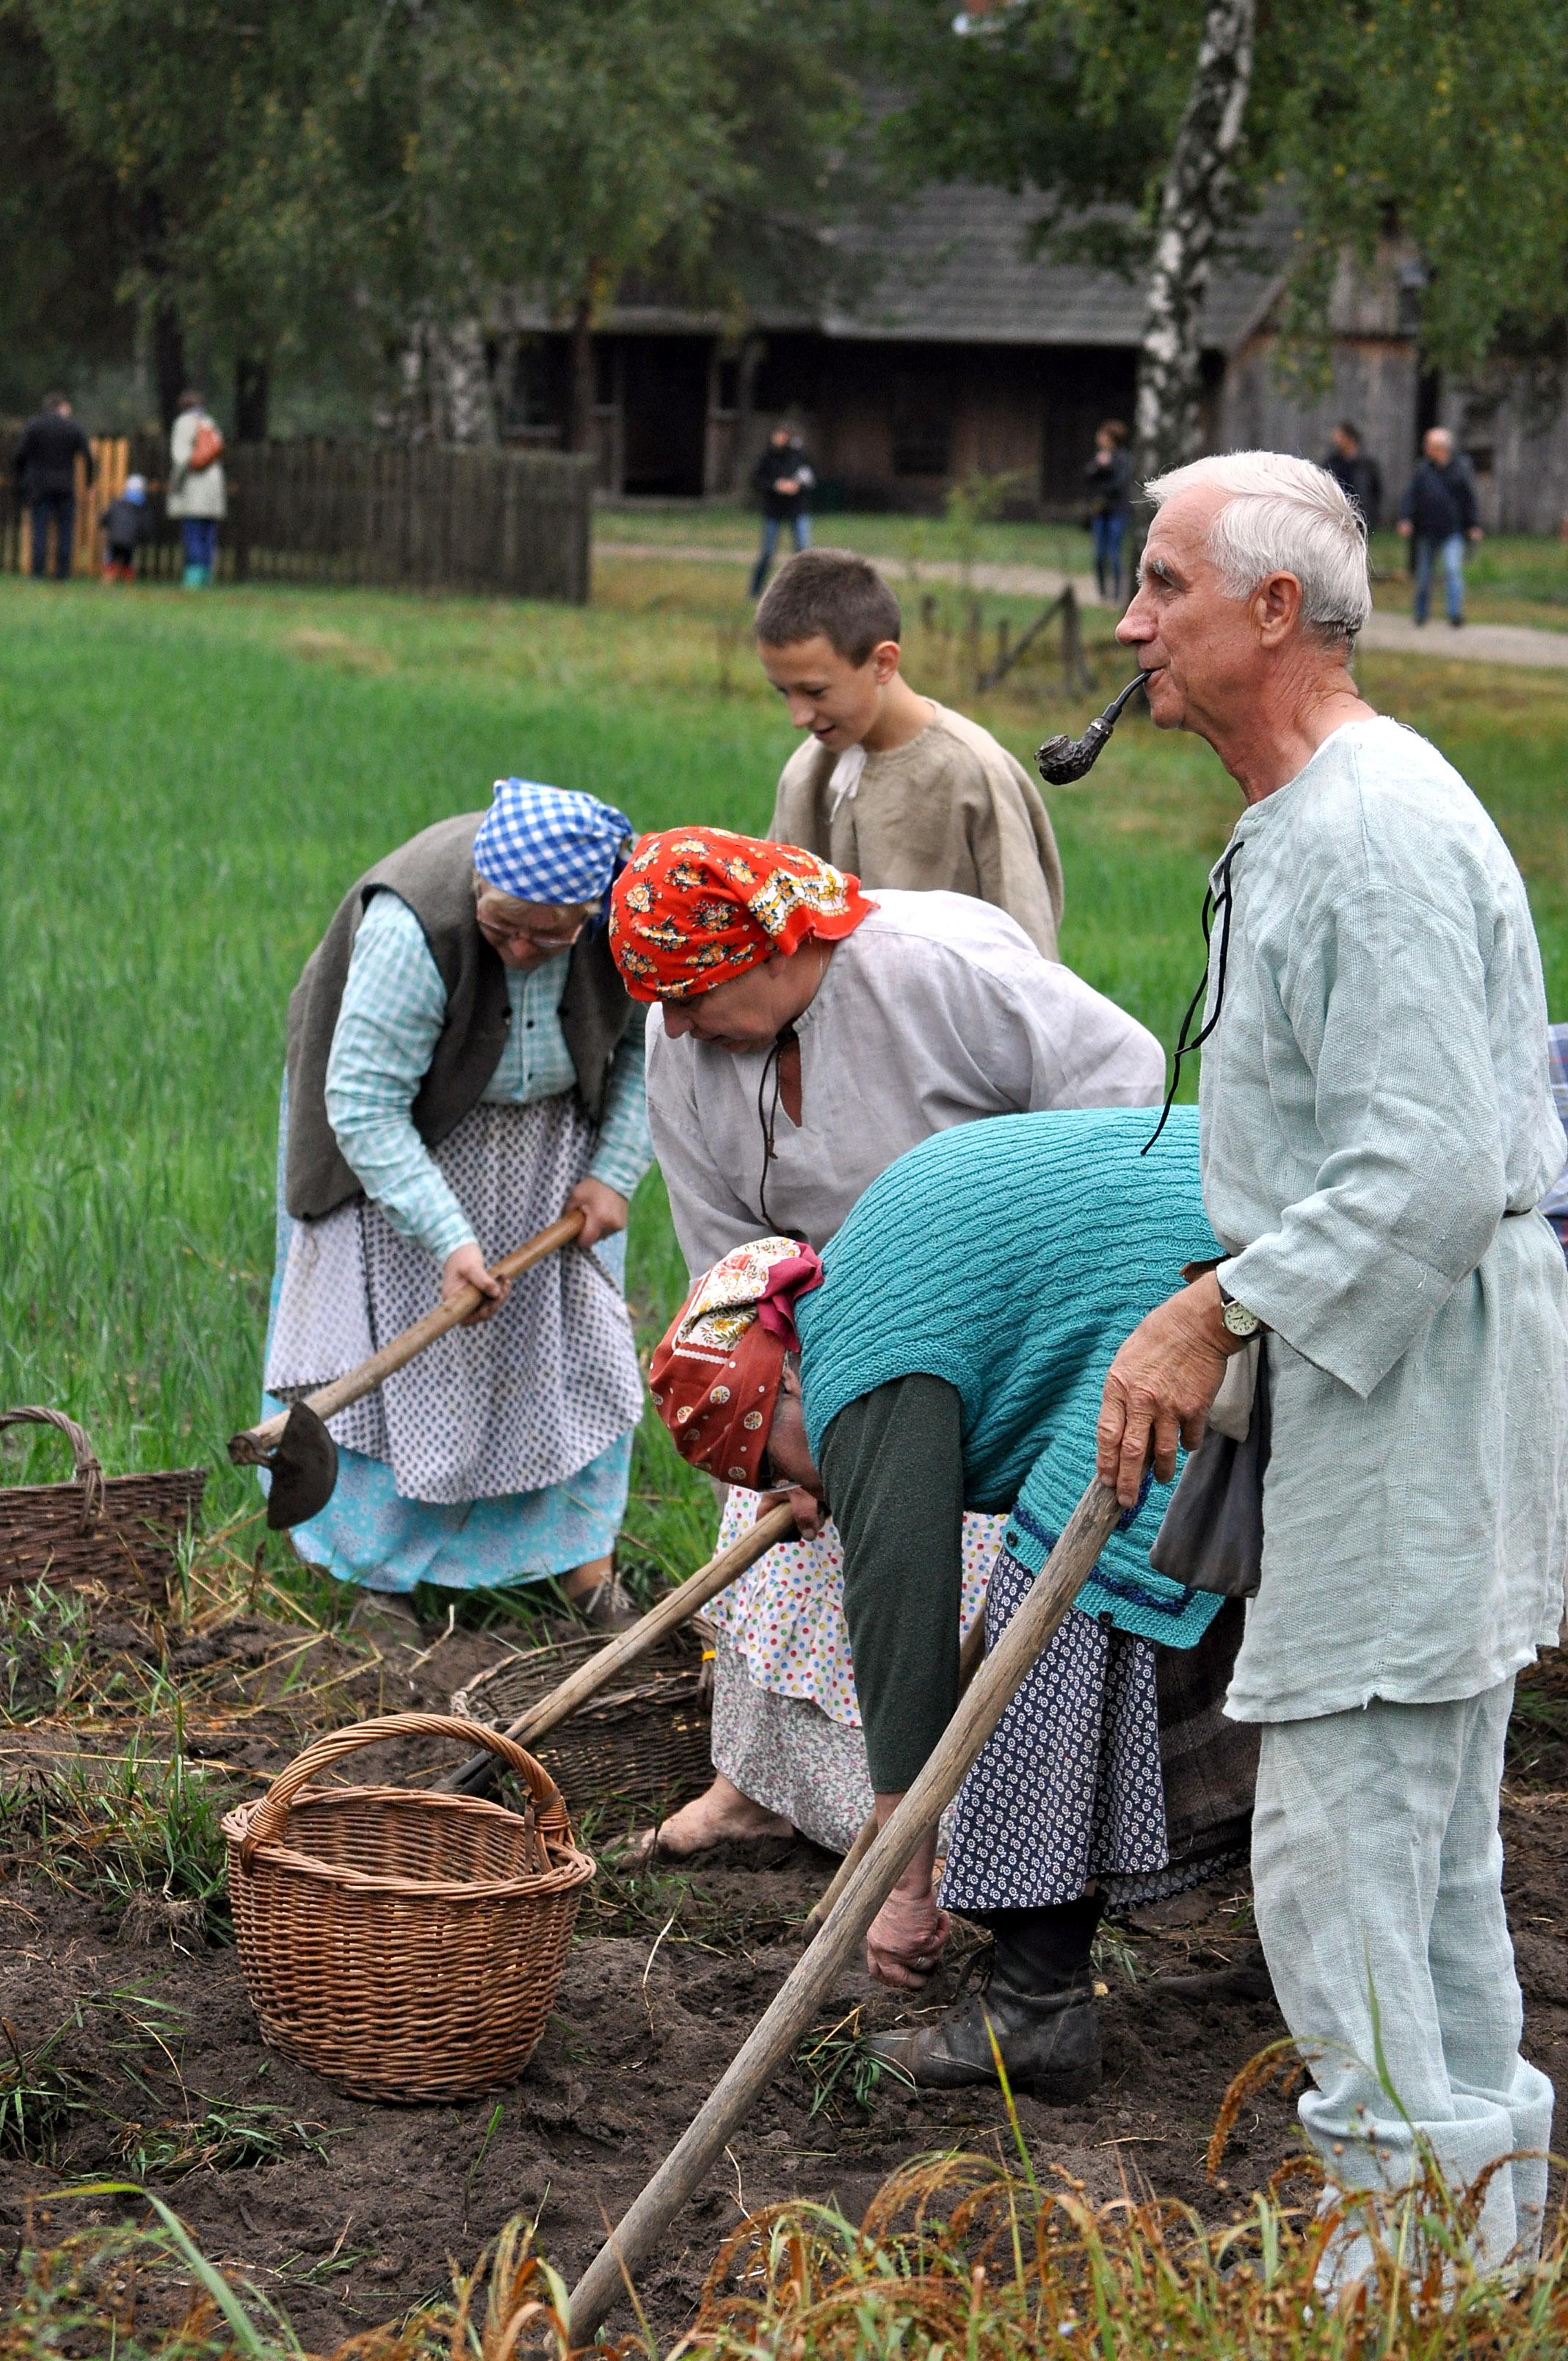 Wykopki w skansenie w Kolbuszowej, czyli muzeum zaprasza na kopanie ziemniaków  - Zdjęcie główne